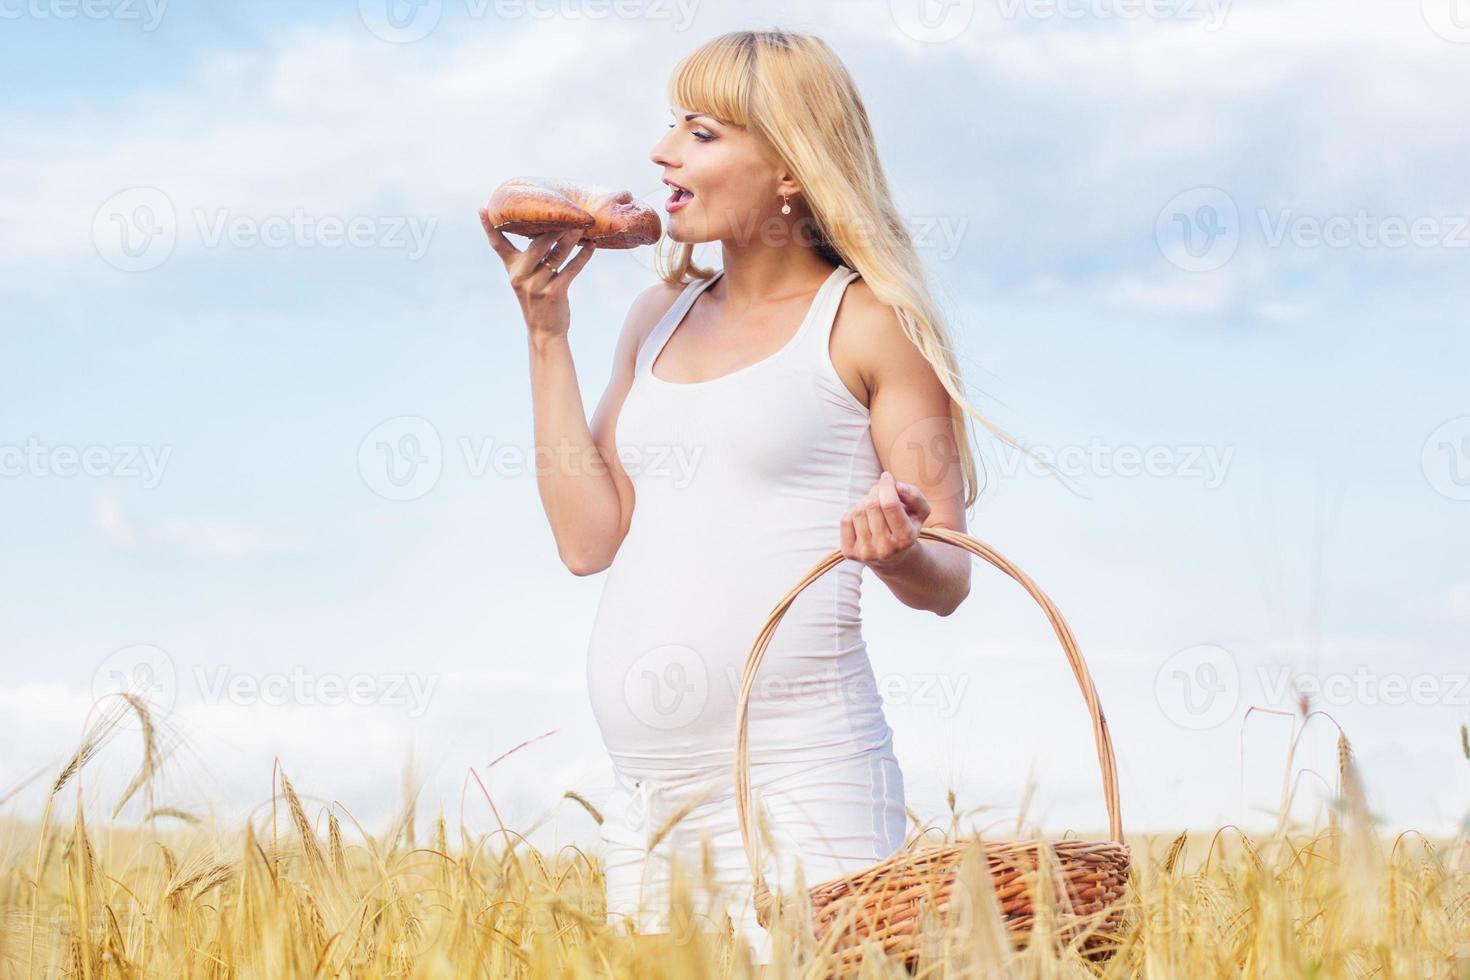 schwangeres Mädchen im Roggenfeld mit Korb der frischen Brötchen foto